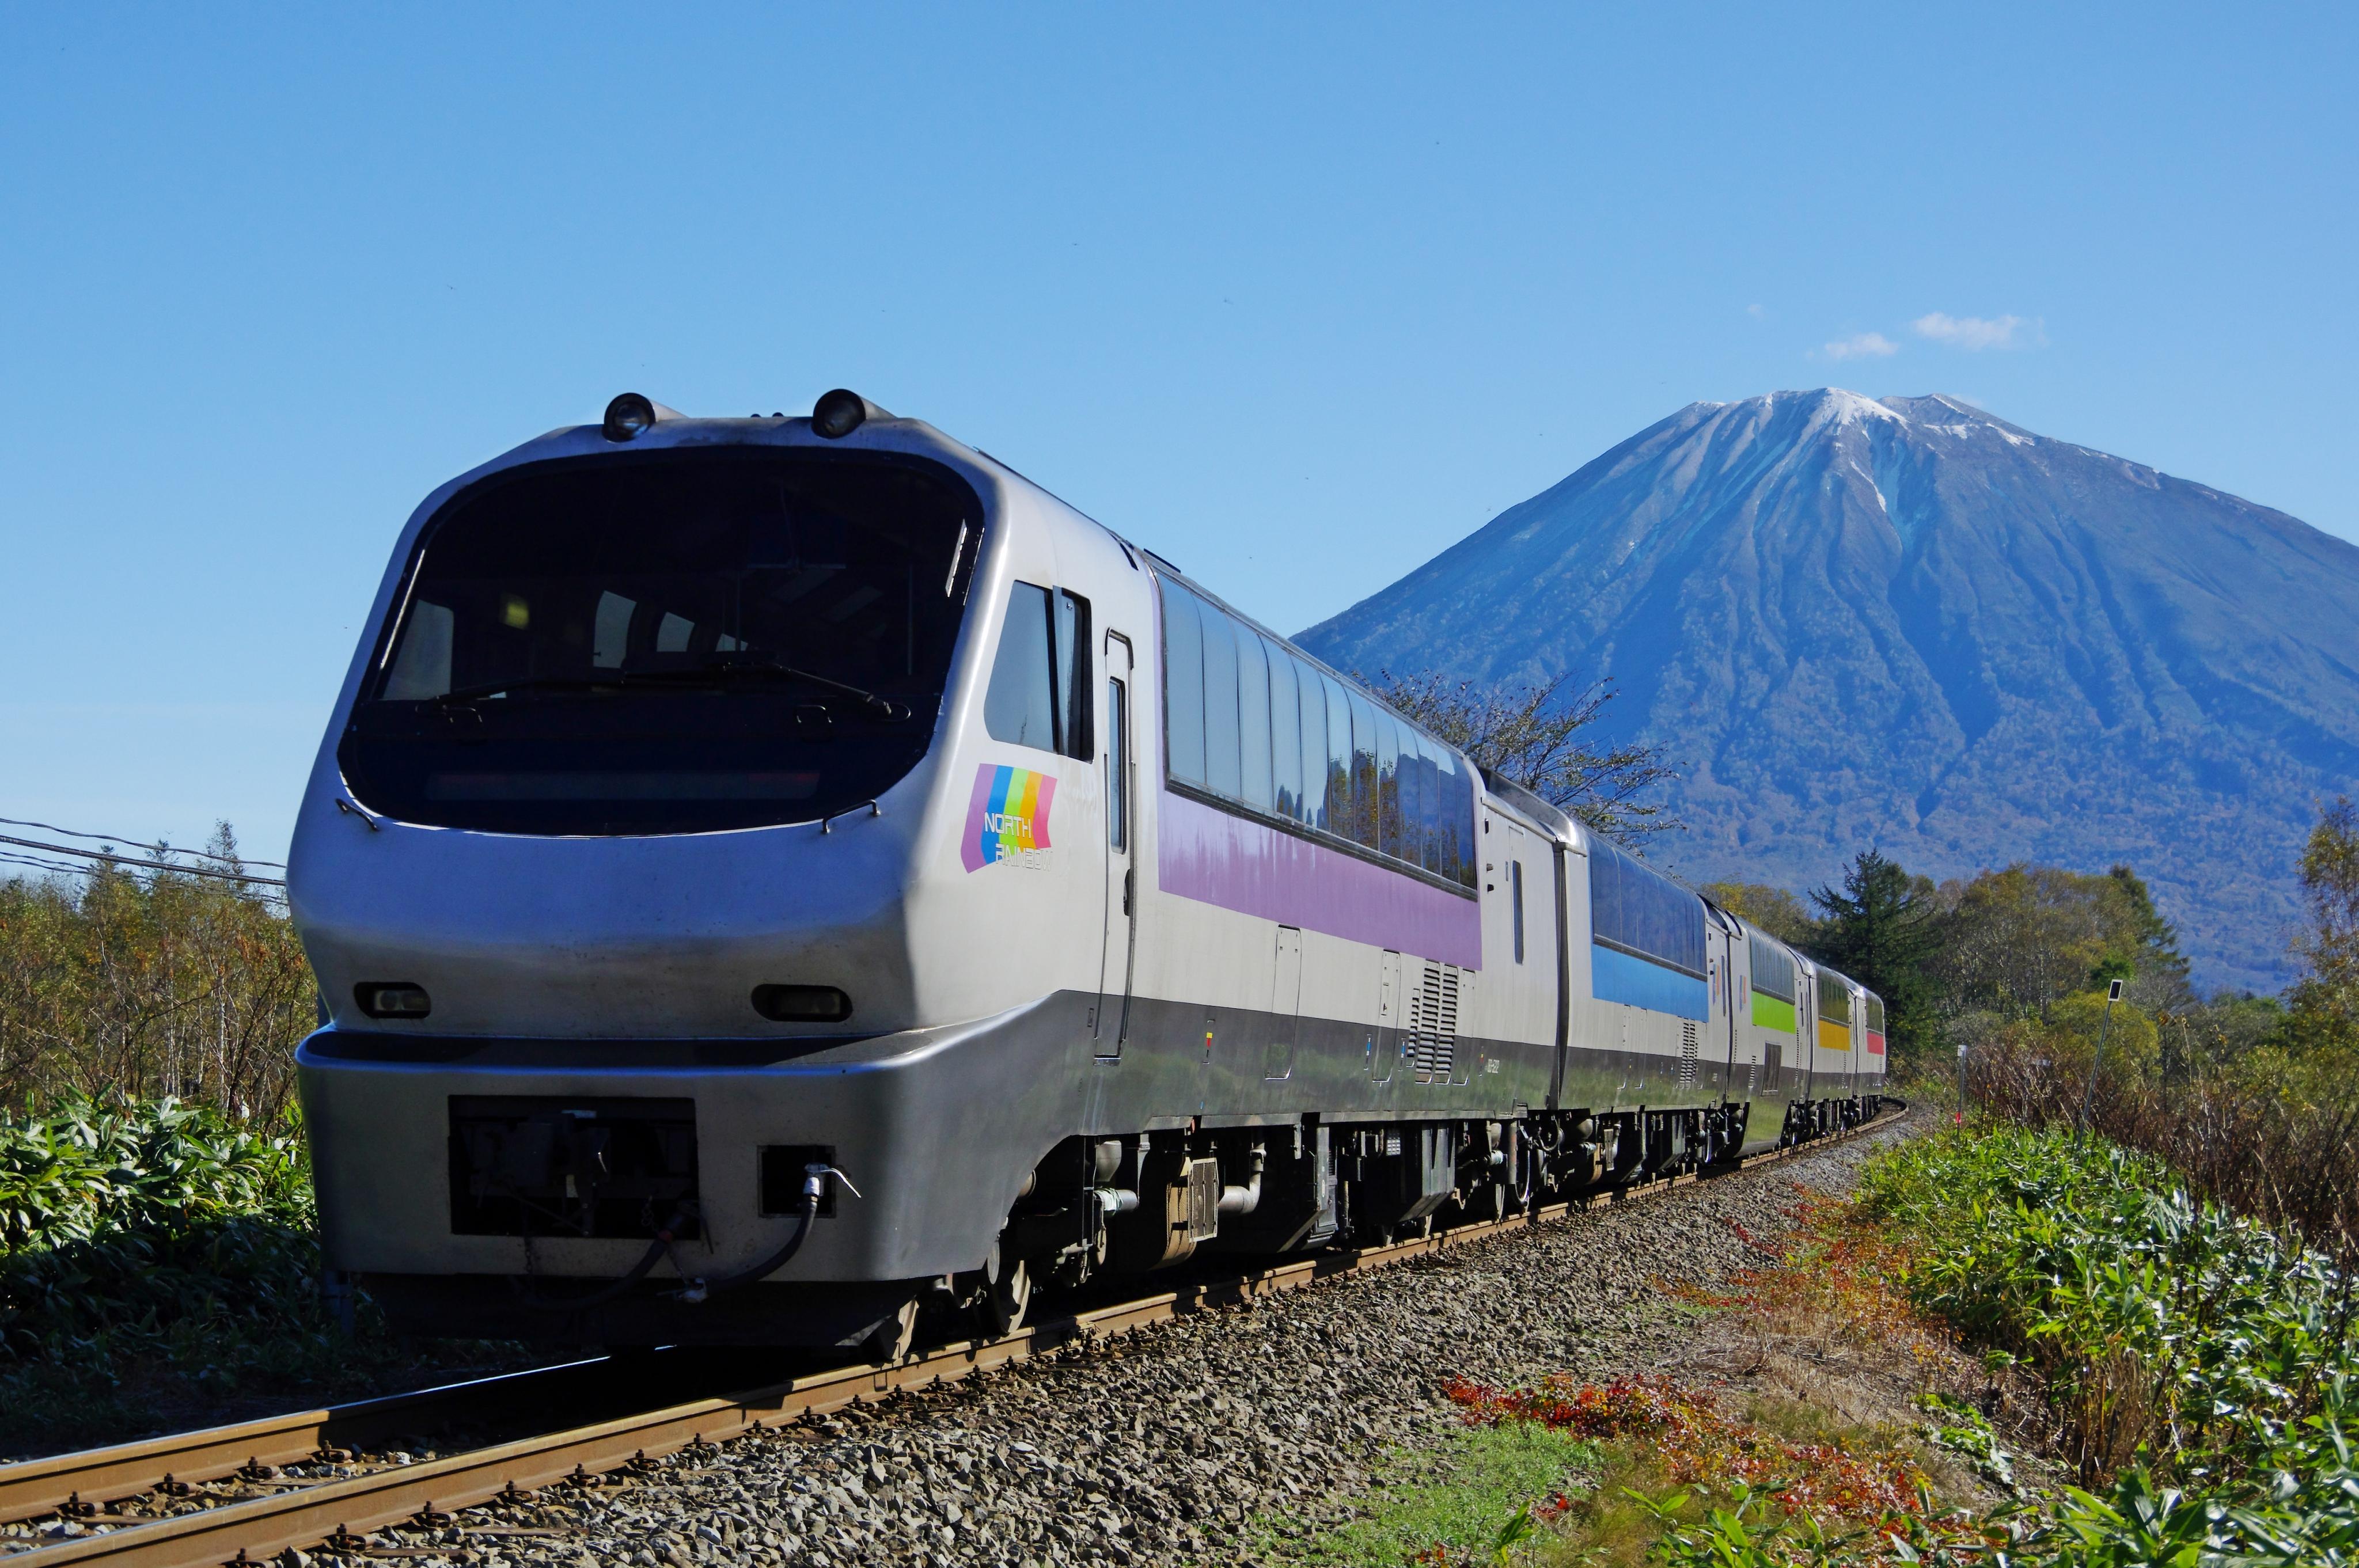 ノースレインボーエクスプレス 9014D 小沢−倶知安 北四線踏切 181019.jpg